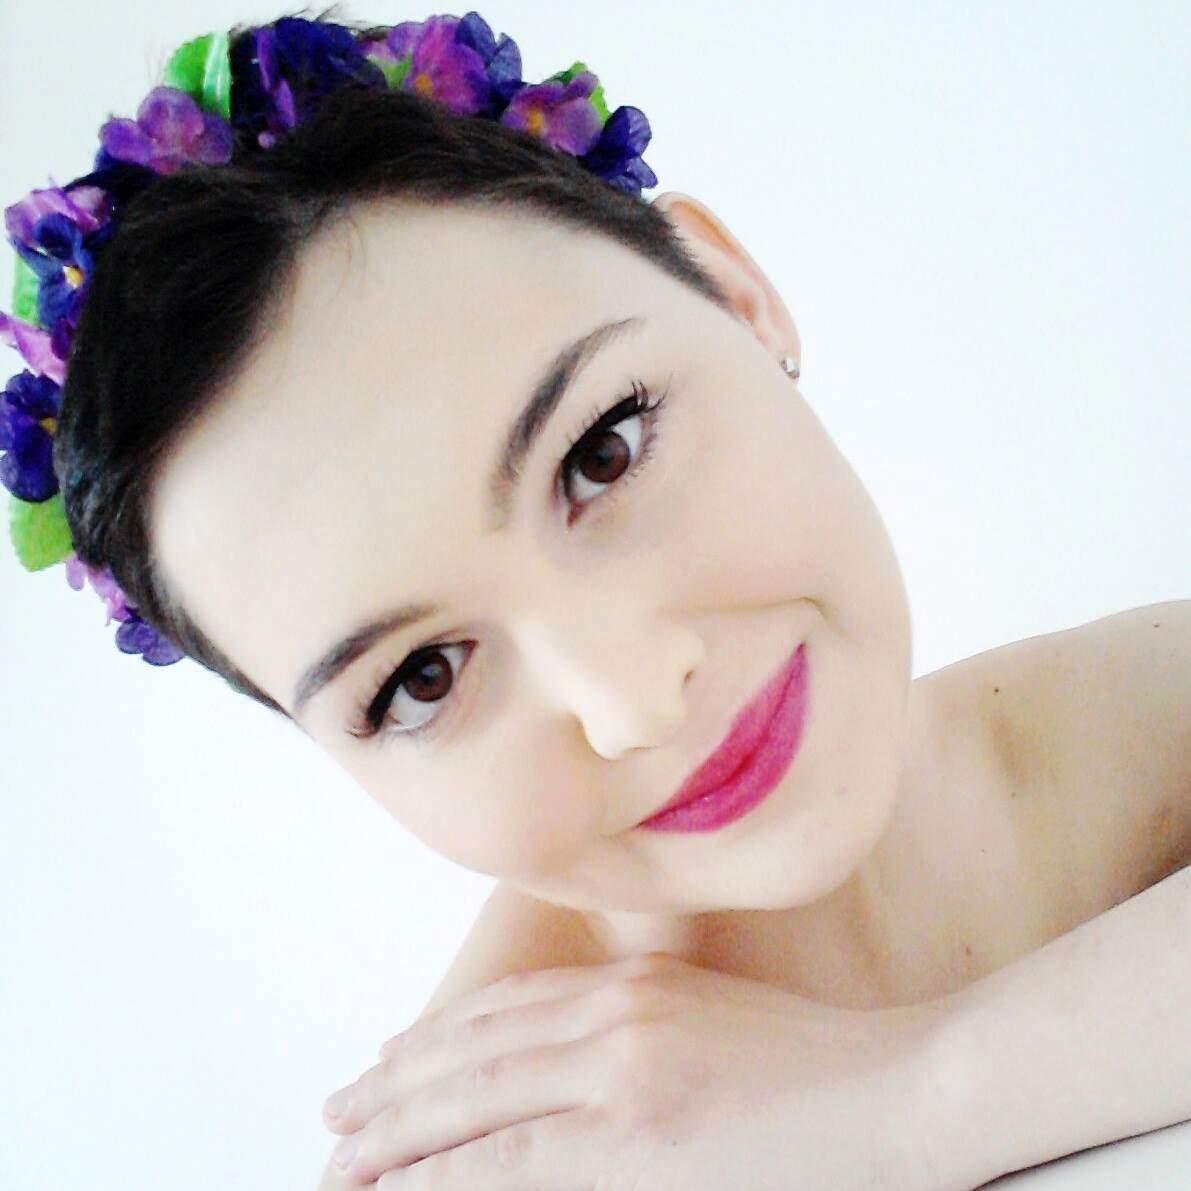 Hrazdílková má z účasti na Miss radost dodnes. Foto: archiv Viktorie Hrazdílkové